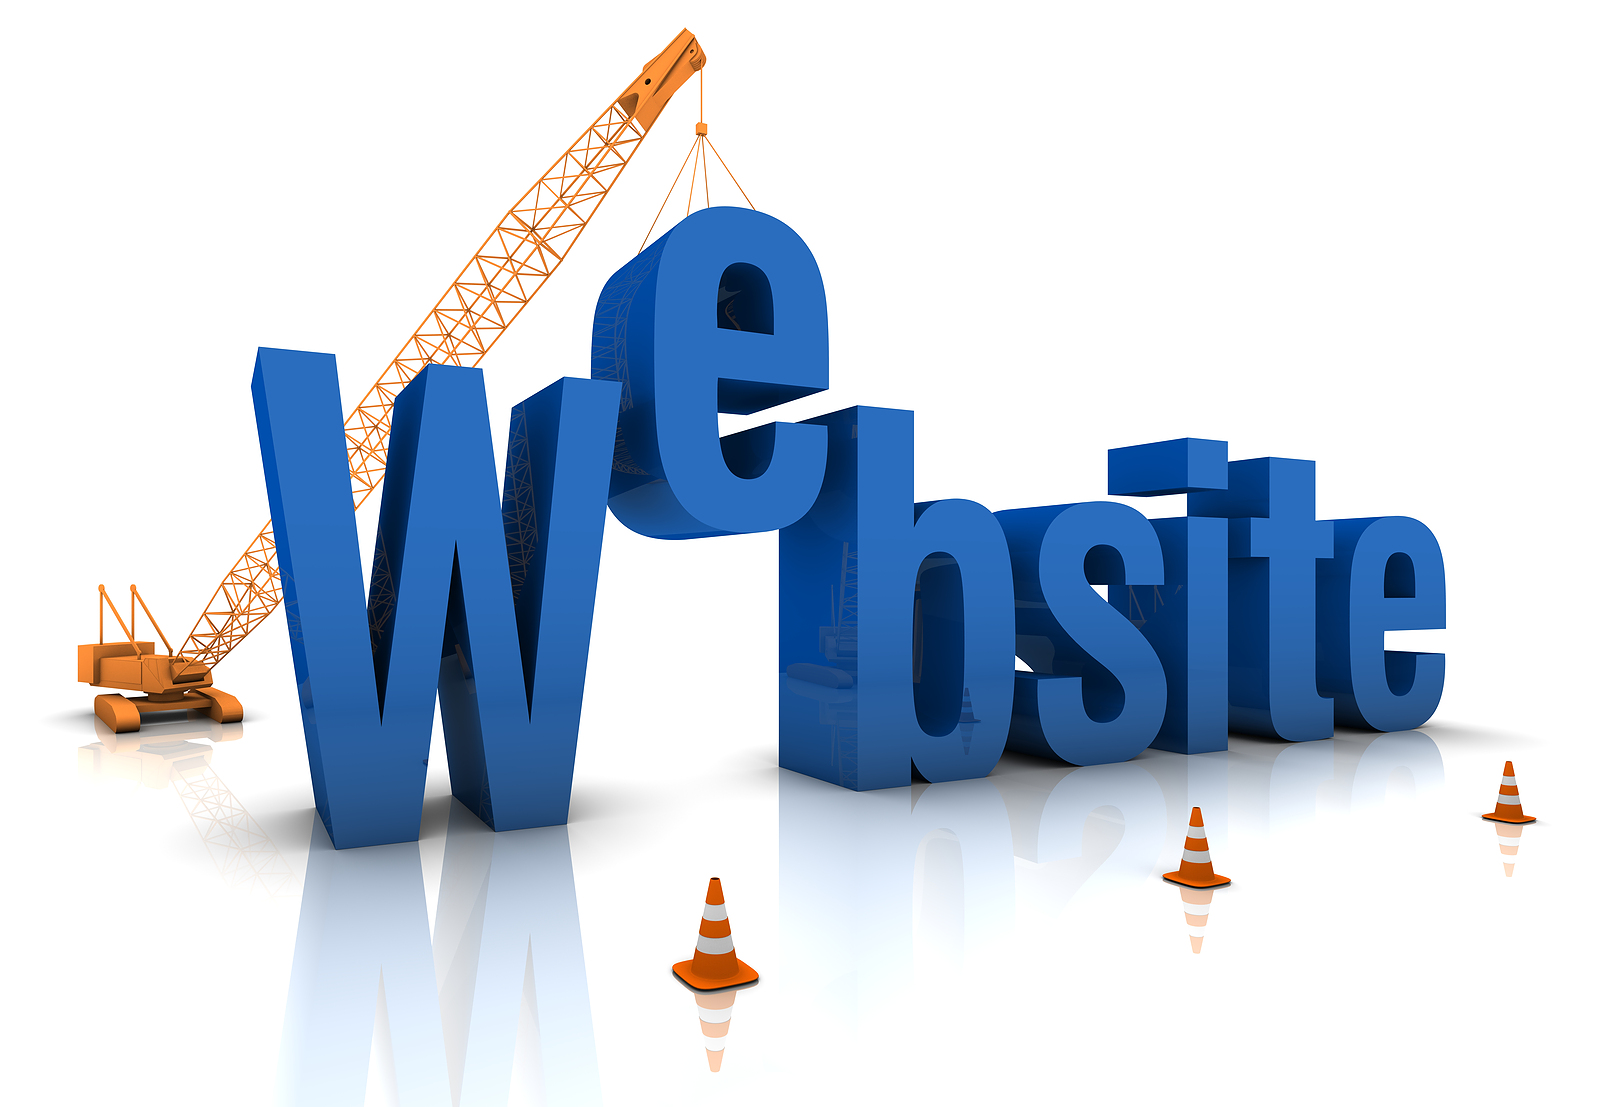 Cải thiện website của bạn ngay hôm nay